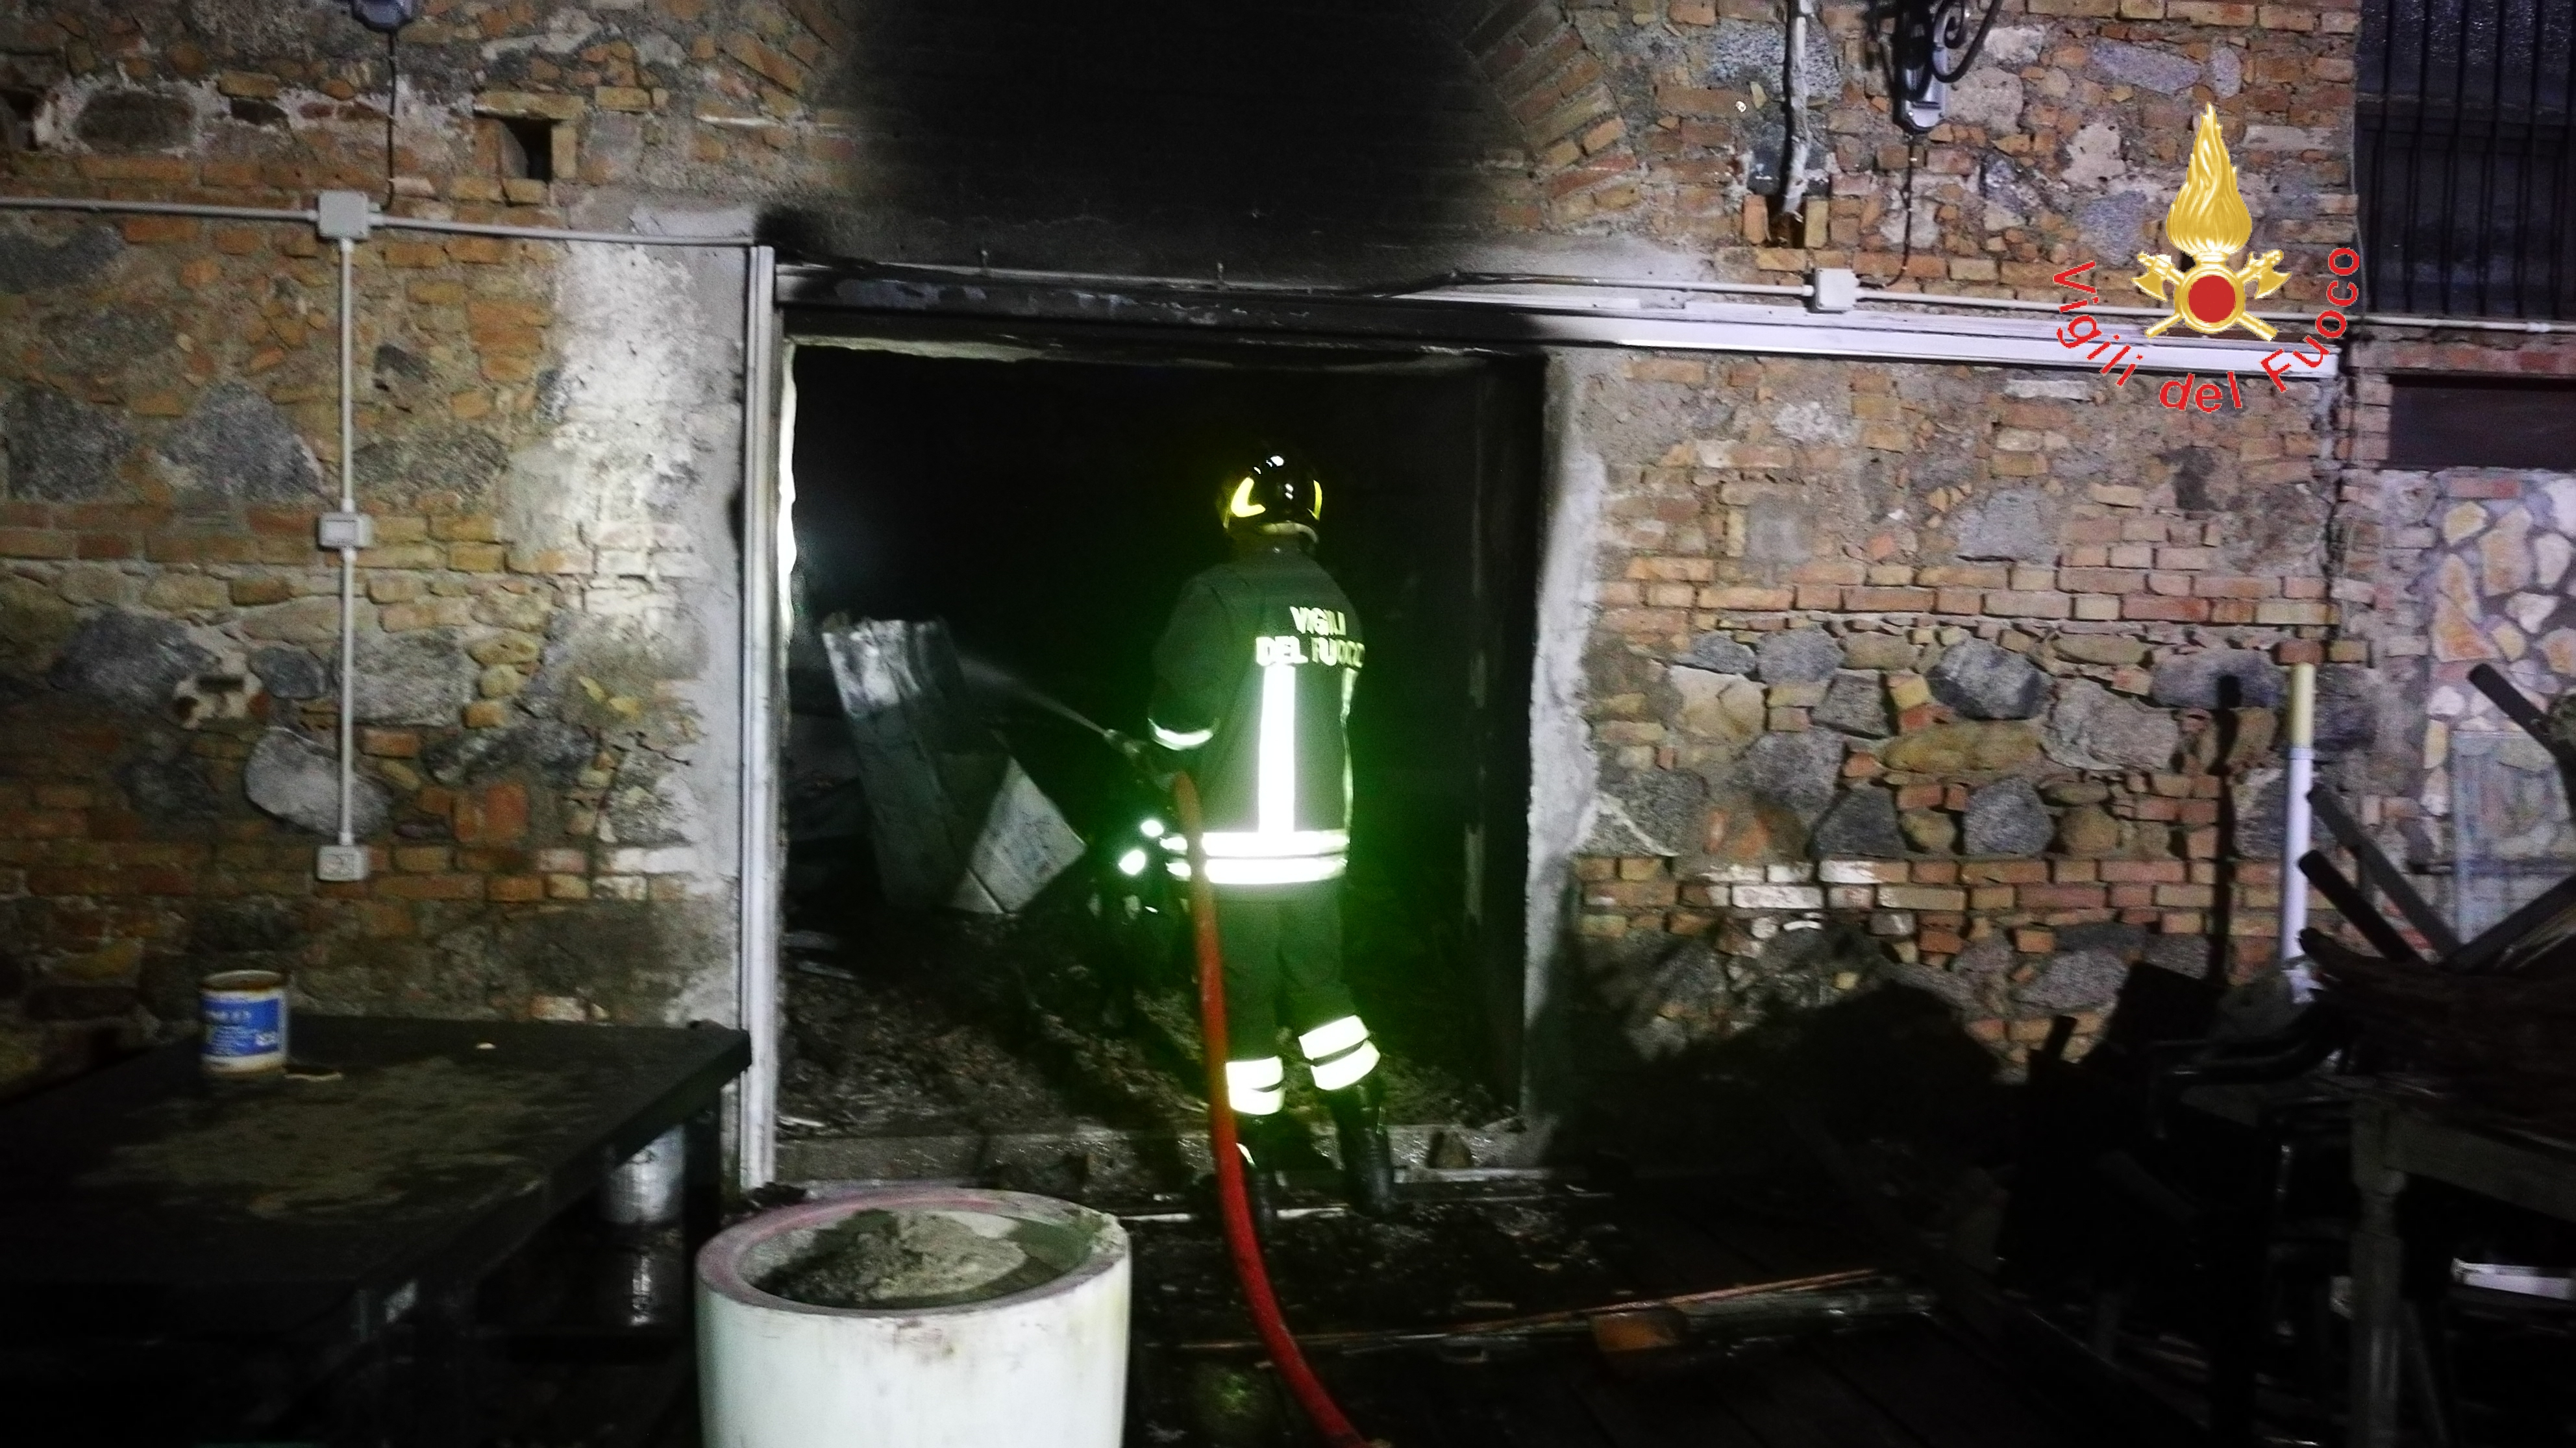 Incendio Pub Tonninas Catanzaro Lido dove sono morti Giuseppe Paonessa ed Eugenio Sergi